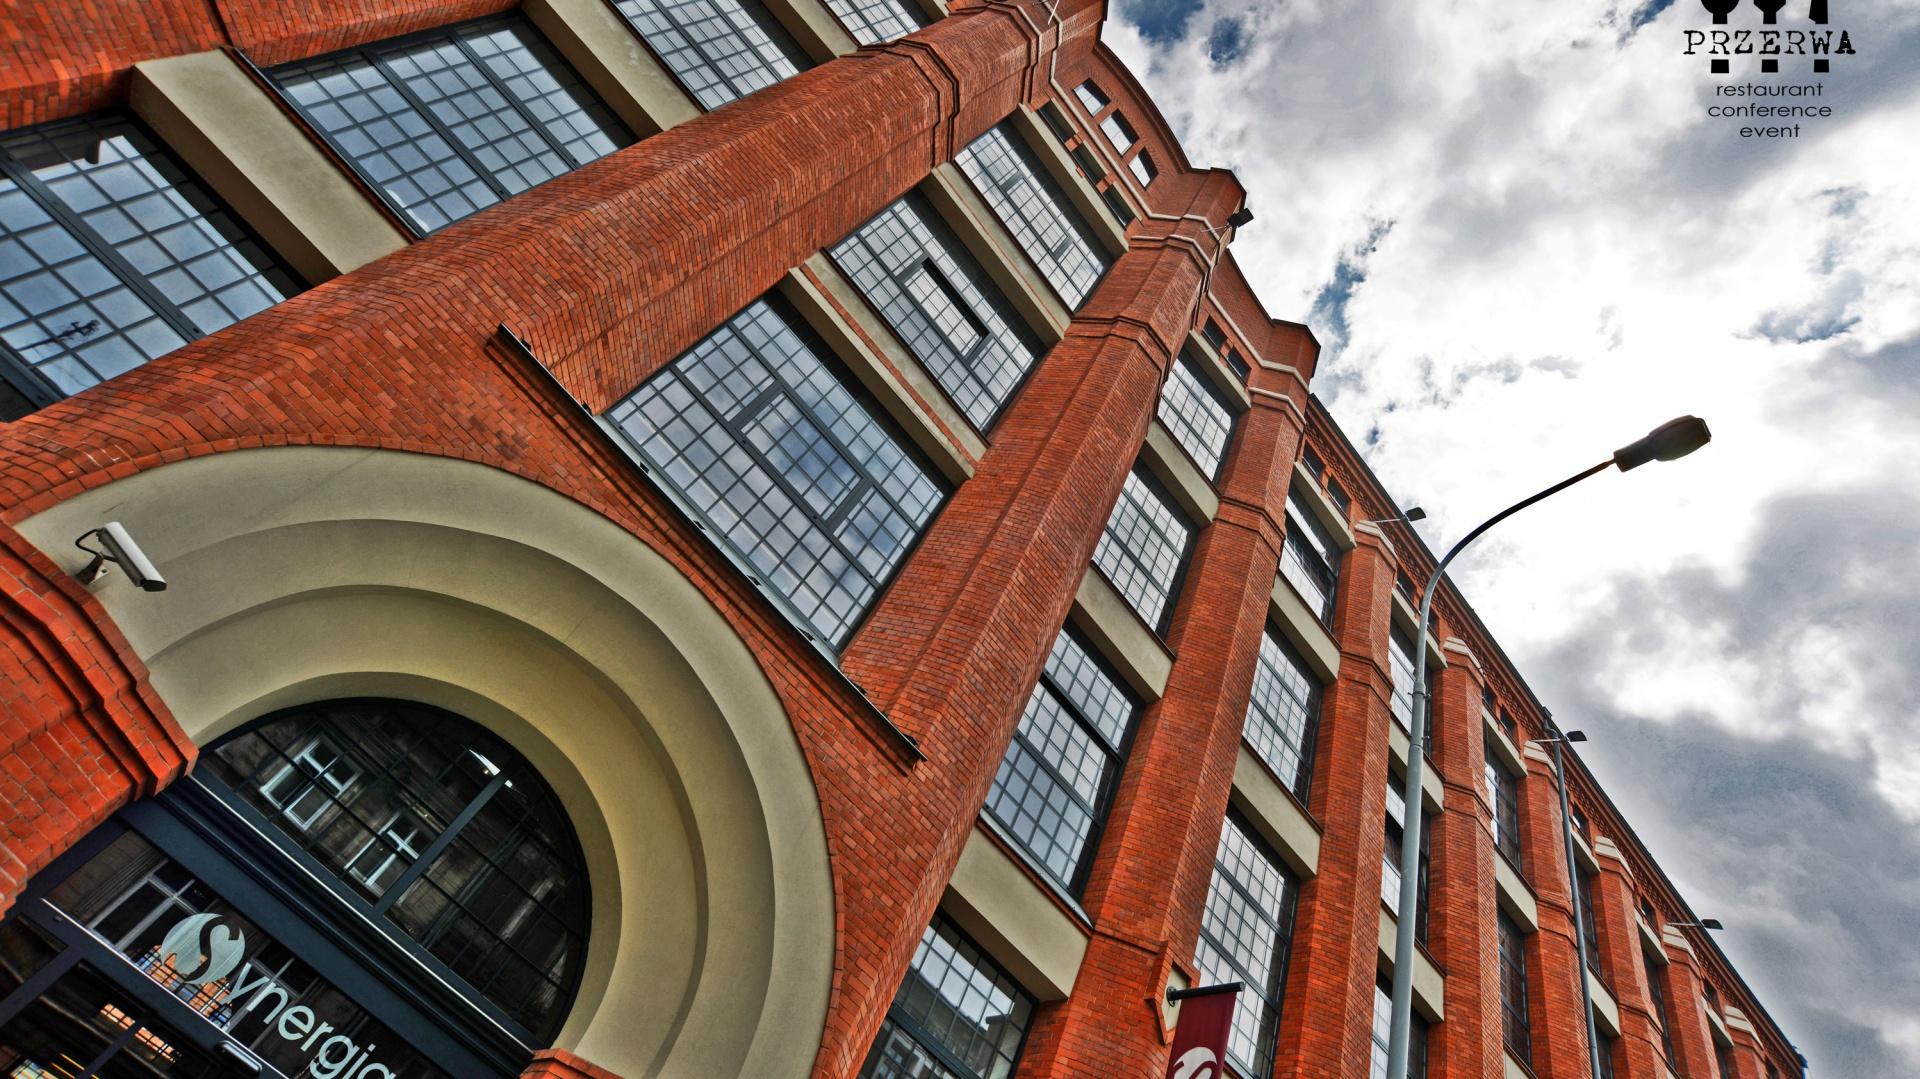 Już 15 marca, najbardziej oczekiwane spotkanie dla architektów i projektantów wnętrz odbędzie się w Łodzi. Rusza cykl STUDIO DOBRYCH ROZWIĄZAŃ. Musisz tam być! Fot. Centrum Biznesowe Synergia